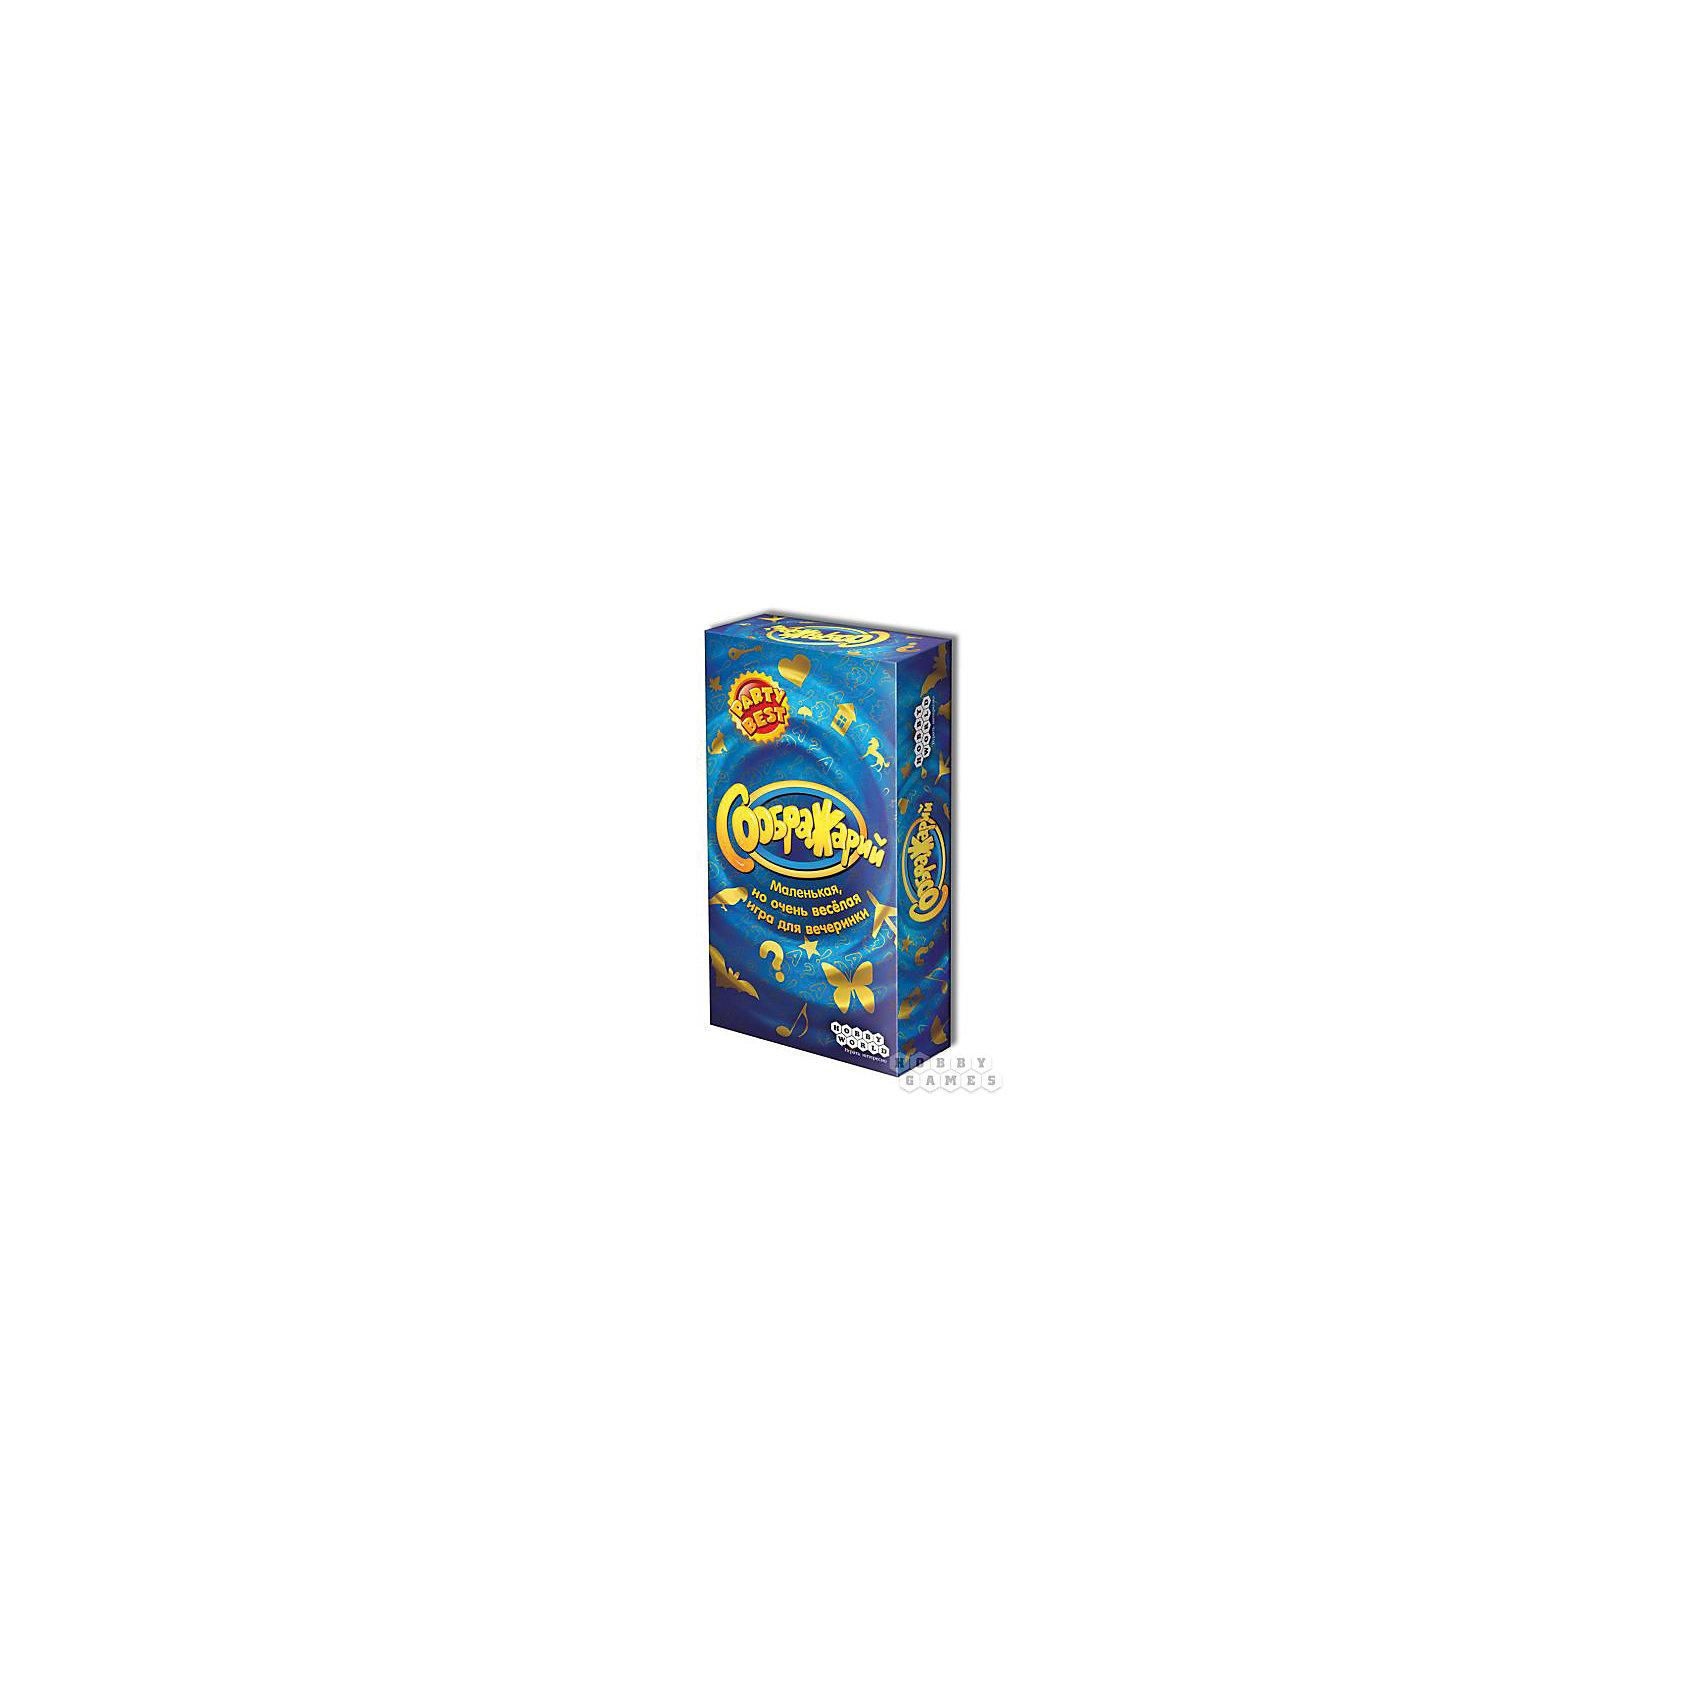 Игра Соображарий,  Hobby WorldКарточные игры<br>Характеристики товара:<br><br>• возраст: от 7 лет;<br>• материал: картон;<br>• количество игроков: 2-10 человек;<br>• время игры: от 10 минут;<br>• в комплекте: 60 карт категорий, 52 карты букв, правила игры;<br>• размер упаковки 19,7х13,5х3,7 см;<br>• вес упаковки 275 гр.;<br>• страна производитель: Россия.<br><br>Игра «Соображарий» Hobby World — увлекательная игра для семейного вечера или вечеринки с друзьями. Каждый игрок берет себе карту с буквой и карту с категорией. Он должен как можно быстрее придумать слово на эту букву, которое подходит для данной категории. Игра развивает скорость реакции, ловкость и сообразительность.<br><br>Игру «Соображарий» Hobby World можно приобрести в нашем интернет-магазине.<br><br>Ширина мм: 197<br>Глубина мм: 135<br>Высота мм: 37<br>Вес г: 275<br>Возраст от месяцев: 84<br>Возраст до месяцев: 2147483647<br>Пол: Унисекс<br>Возраст: Детский<br>SKU: 5597233